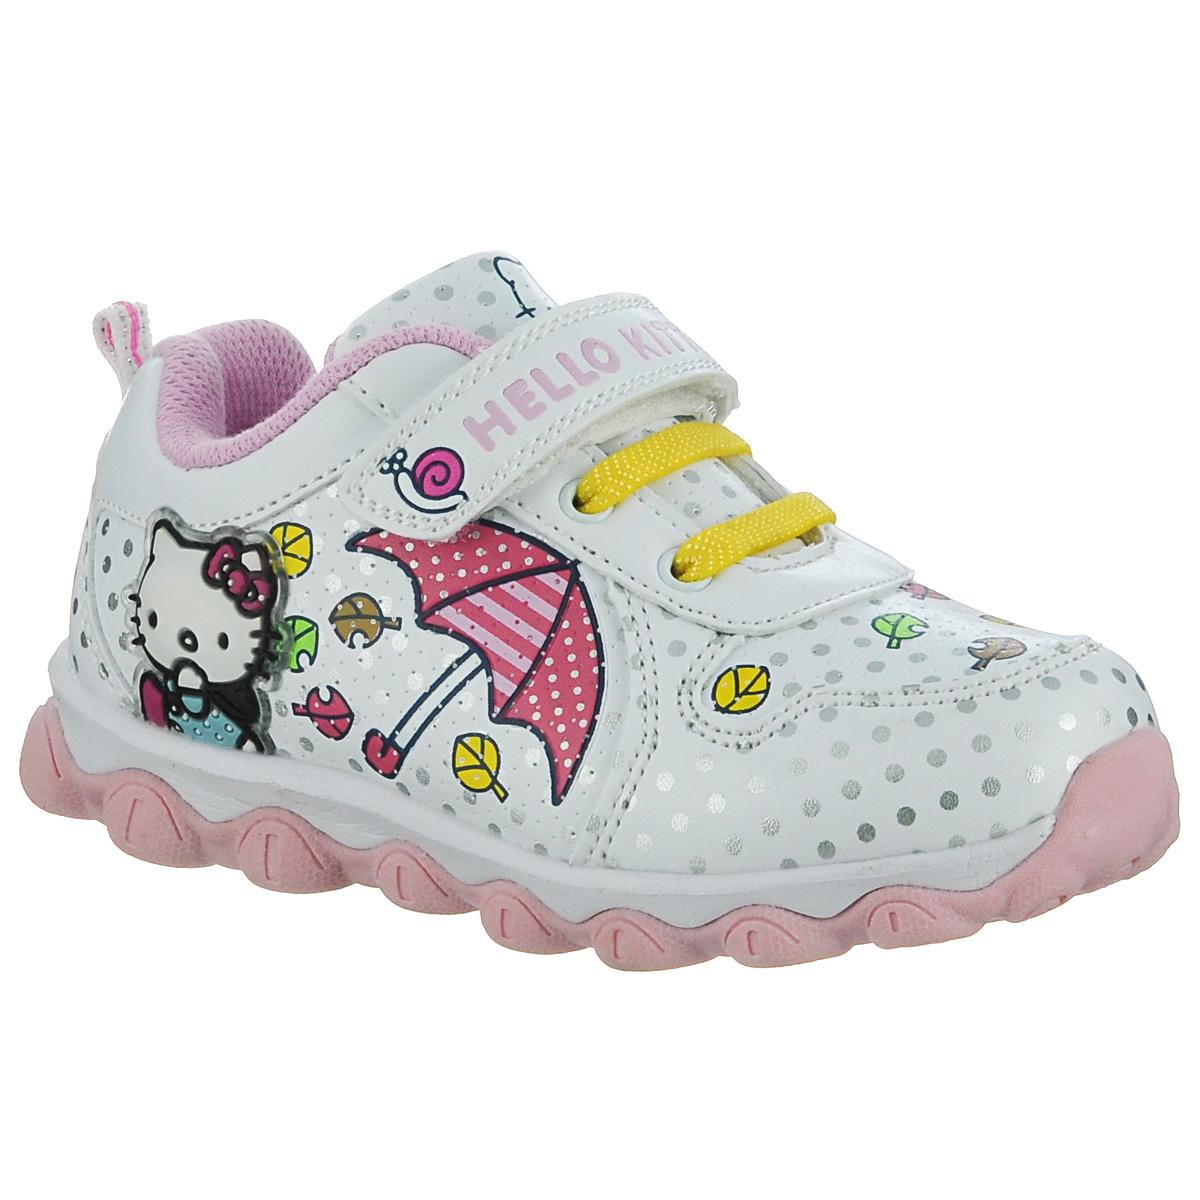 Кроссовки для девочки. 5295A5295AПрелестные кроссовки от Hello Kitty очаруют вашу малышку с первого взгляда! Модель выполнена из синтетической кожи и декорирована узором в горох. Ремешок с застежкой-липучкой и резинки, расположенные на подъеме, гарантируют оптимальную посадку кроссовок на ножке вашей дочурки. Задник оснащен ярлычком, который выполняет функцию ложки для обуви. Мягкая стелька из EVA-материала с текстильной поверхностью комфортна при ходьбе. Подошва с глубоким протектором обеспечивает идеальное сцепление с любой поверхностью. При движении декоративный объемный элемент в виде Hello Kitty, расположенный сбоку, начинает светиться. Эффектные кроссовки приведут в восторг вашу маленькую модницу!